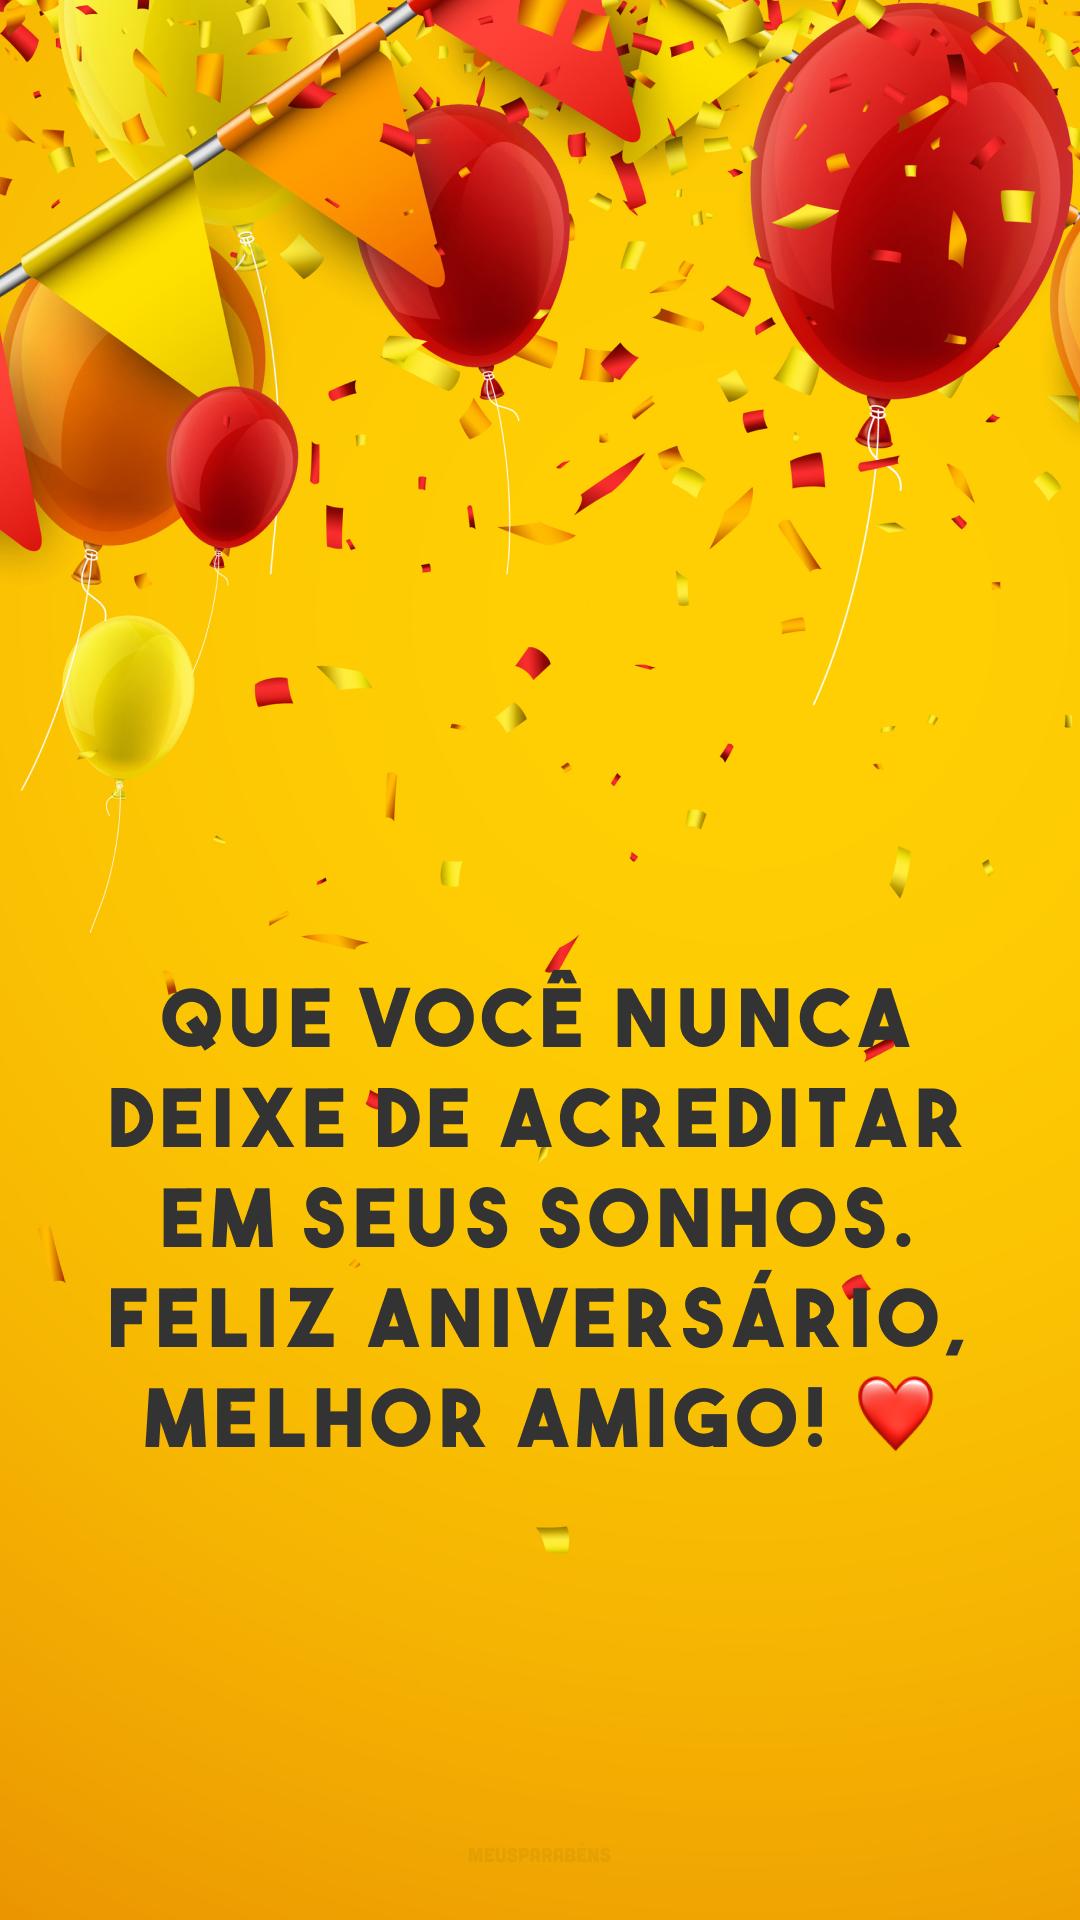 Que você nunca deixe de acreditar em seus sonhos. Feliz aniversário, melhor amigo! ❤